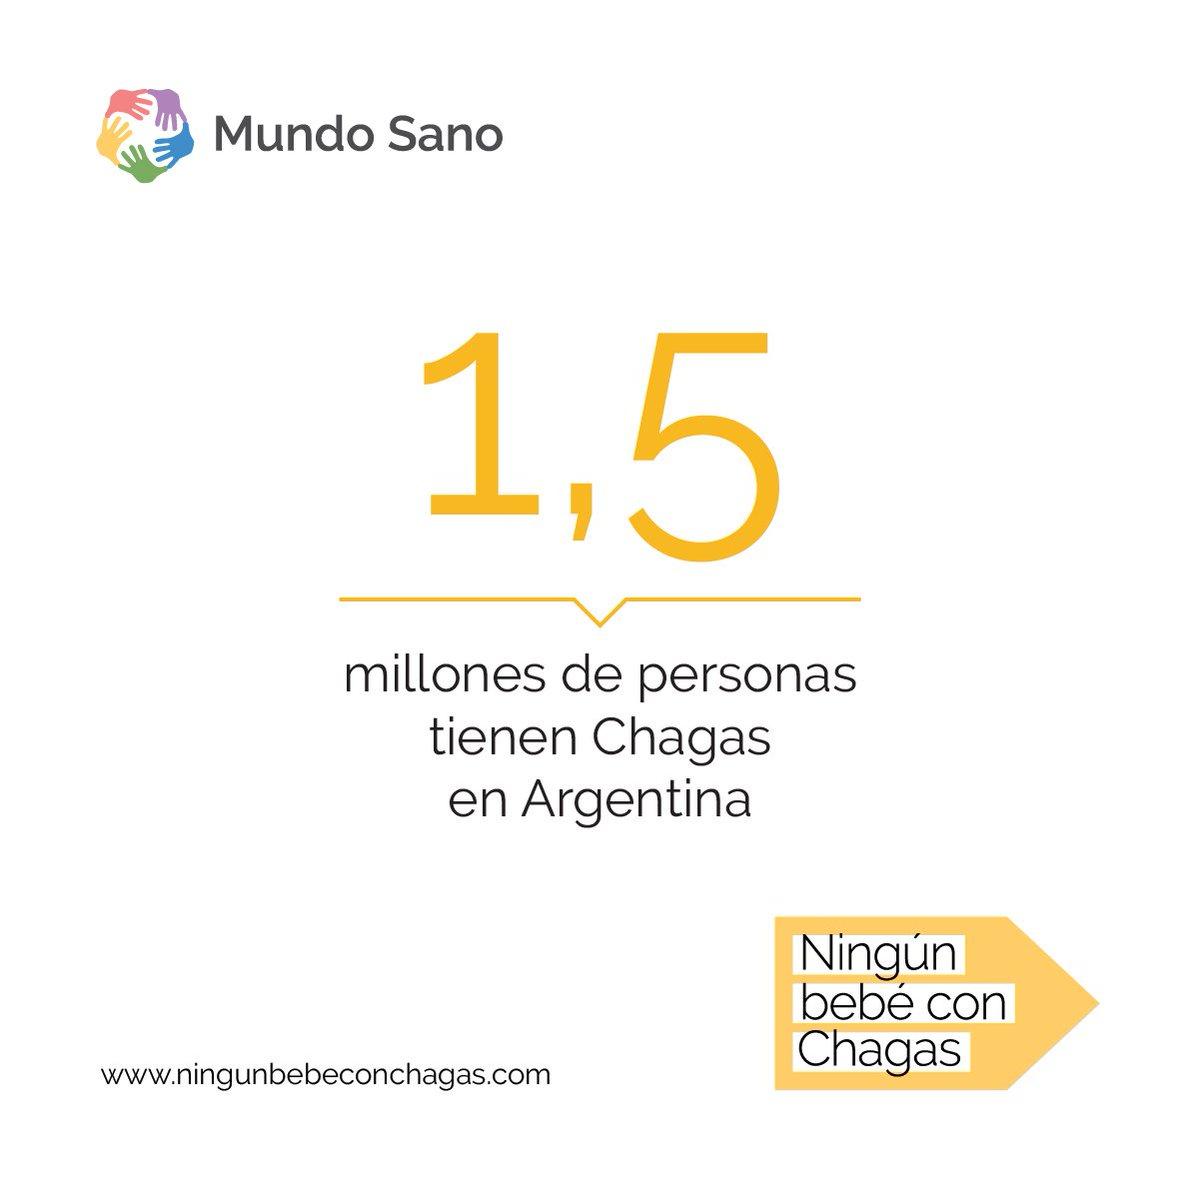 ¿Sabías que el 90% de los casos congénitos de #Chagas tratados durante el primer año de vida se curan? Sumate a nuestro compromiso y 📢difundí #NingúnBebéConChagas  http://ningunbebeconchagas.com